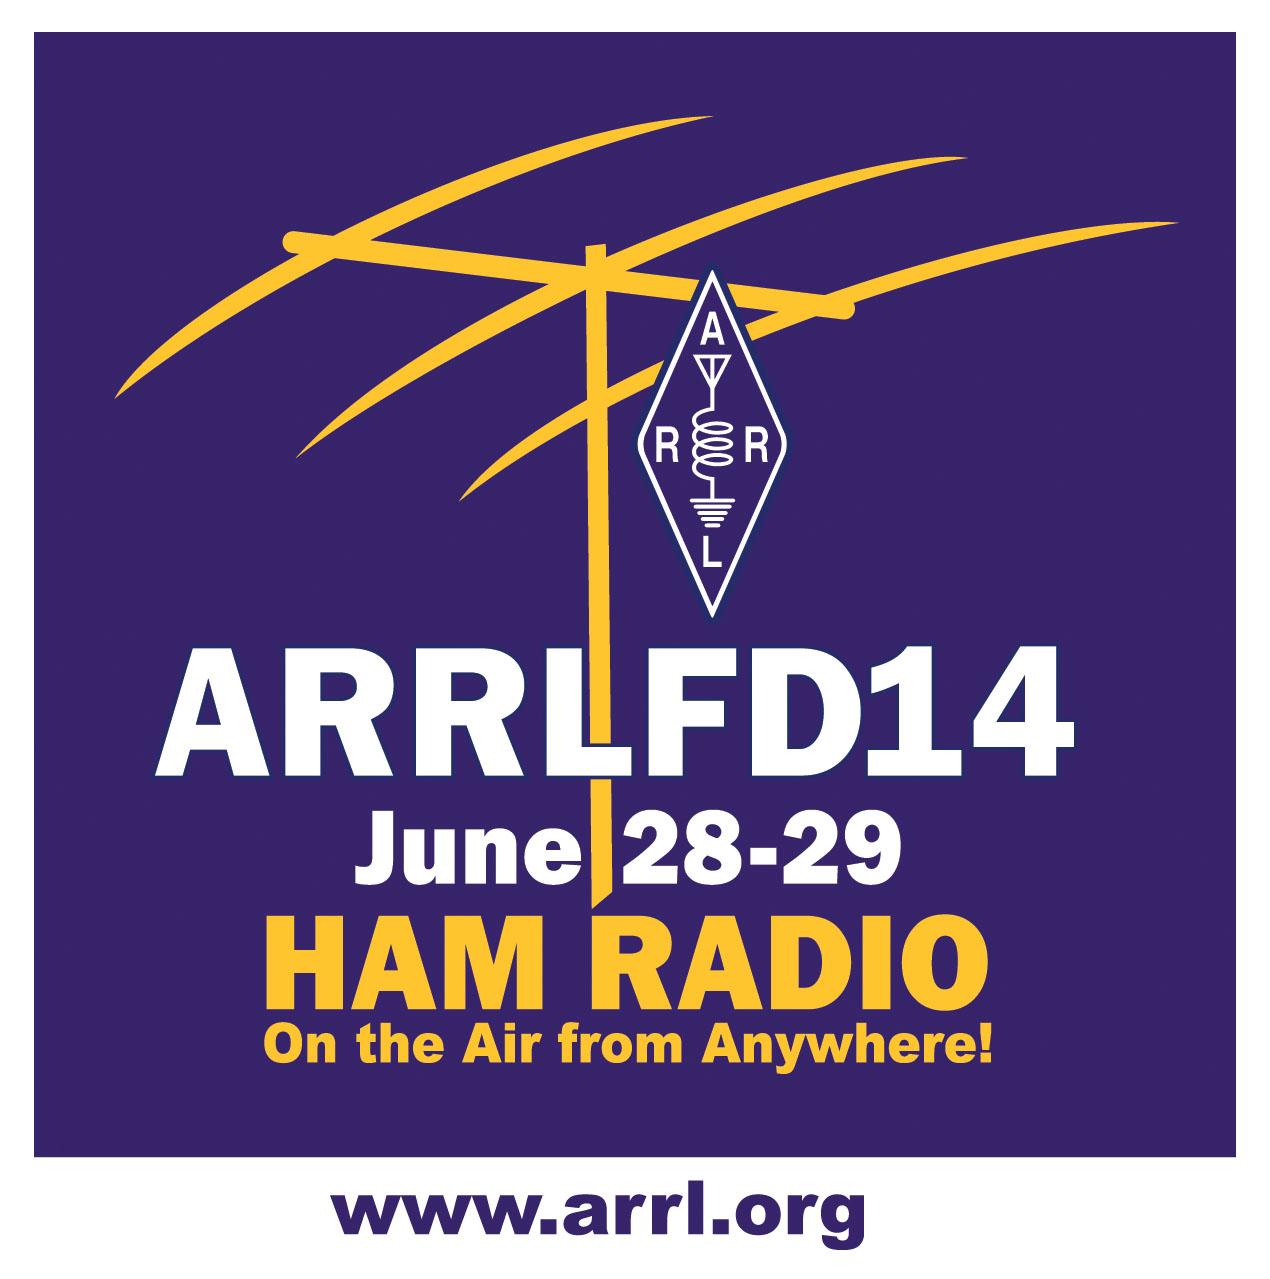 ARRL Field Day 2014, June 28-29